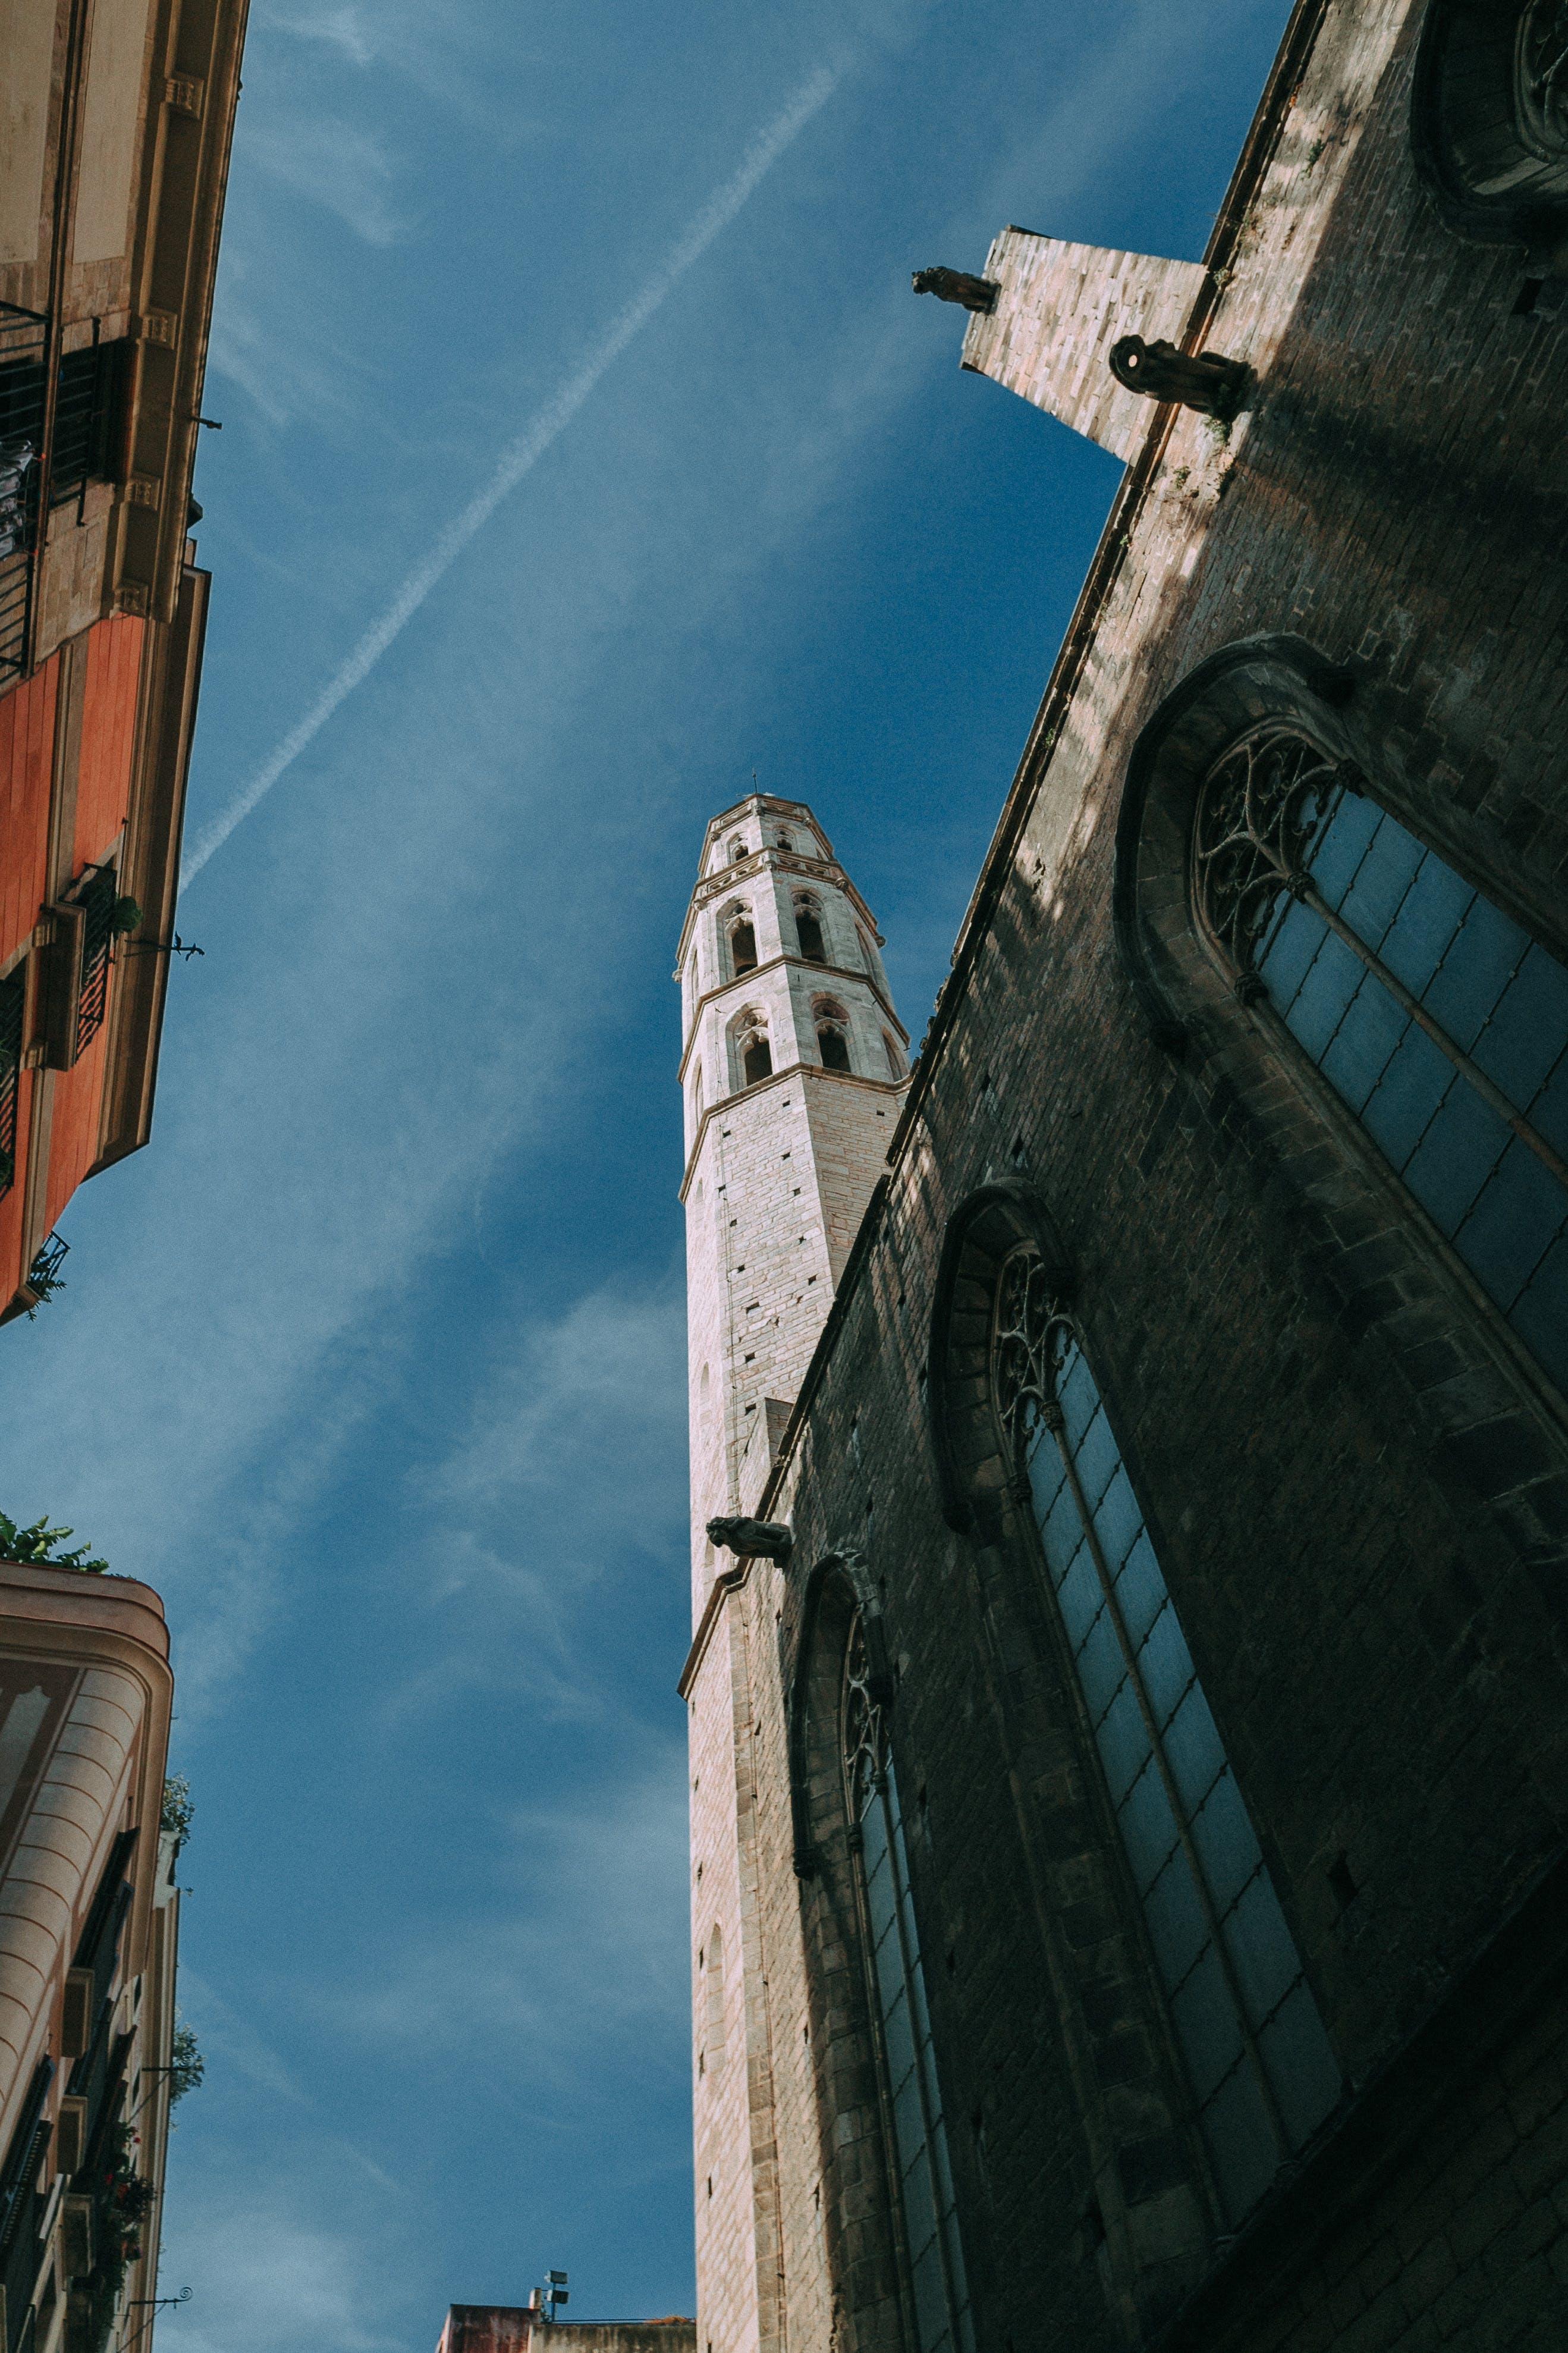 architektur, aufnahme von unten, außen